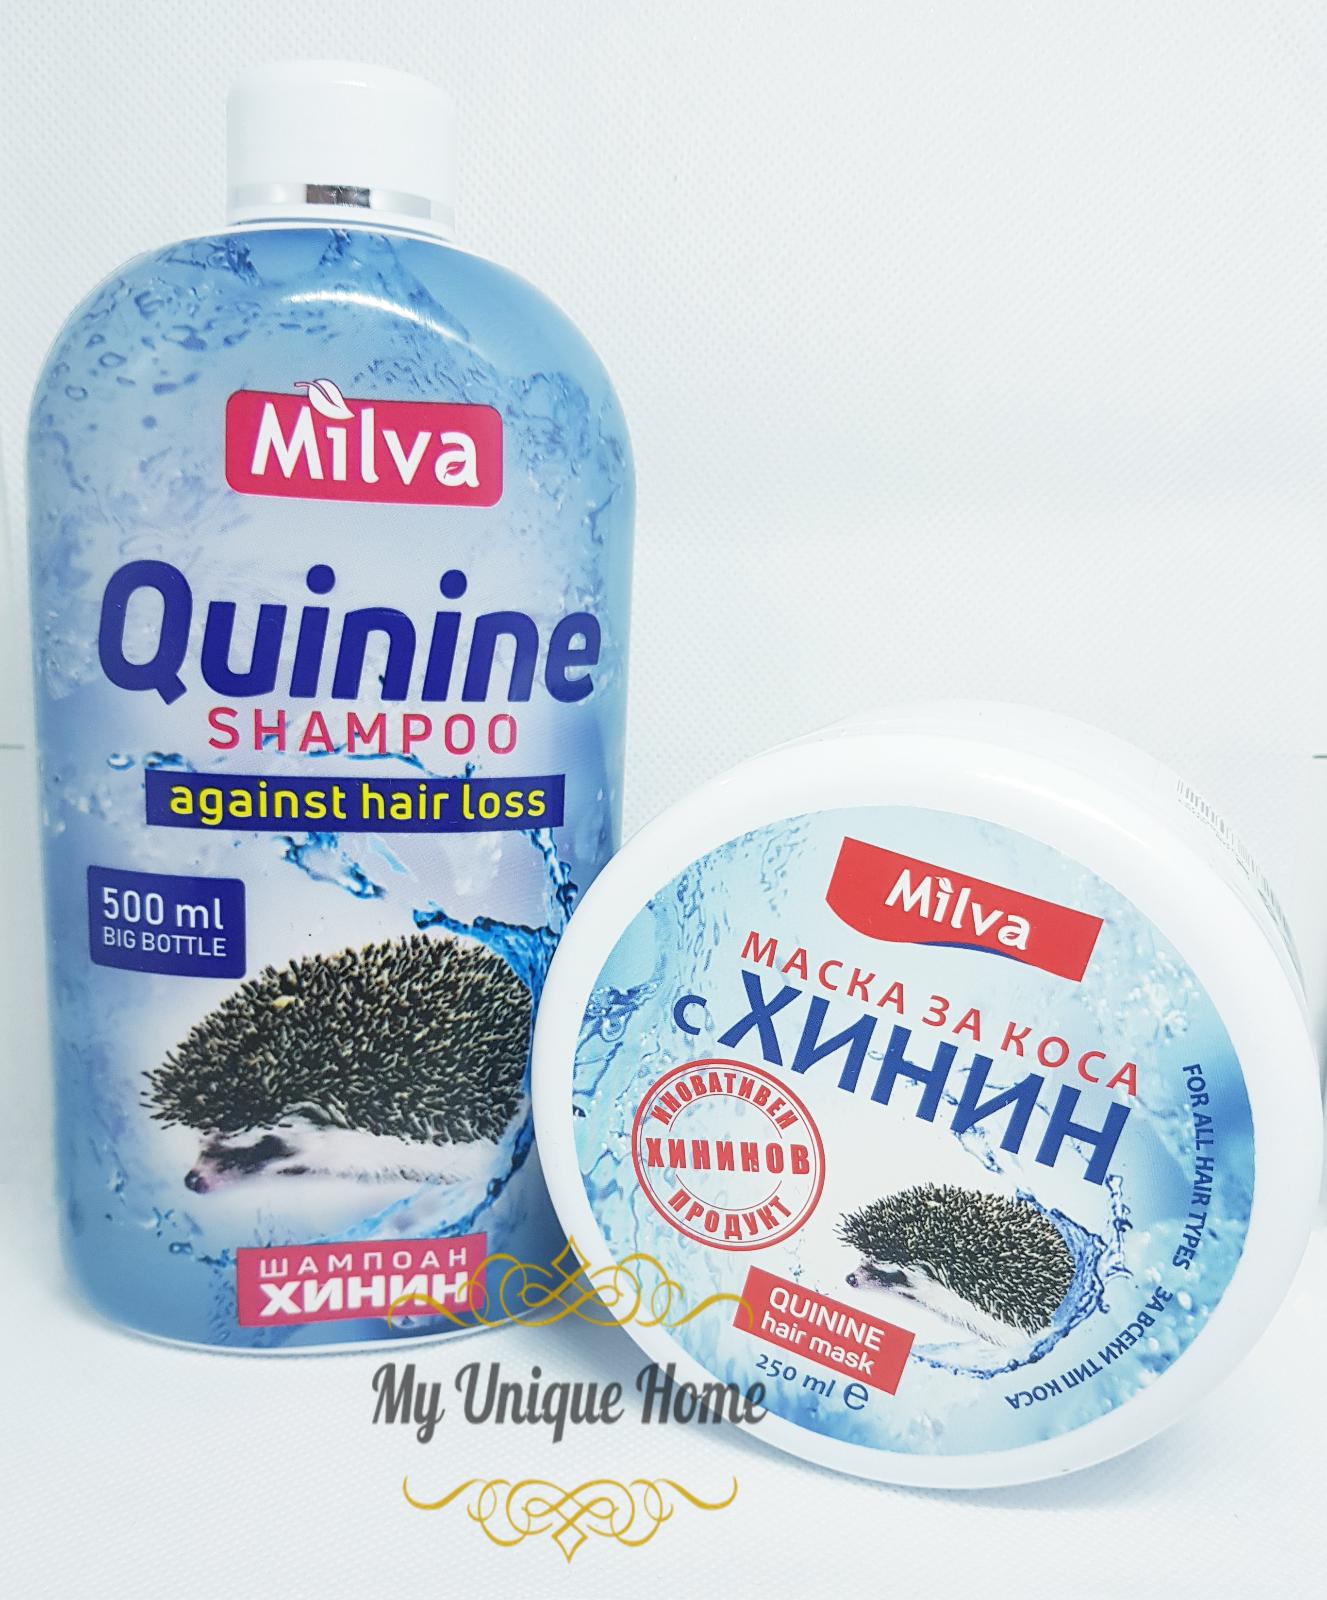 Milva Shampoo mit Chinin 500ml + Haarmaske mit Chinin 250ml